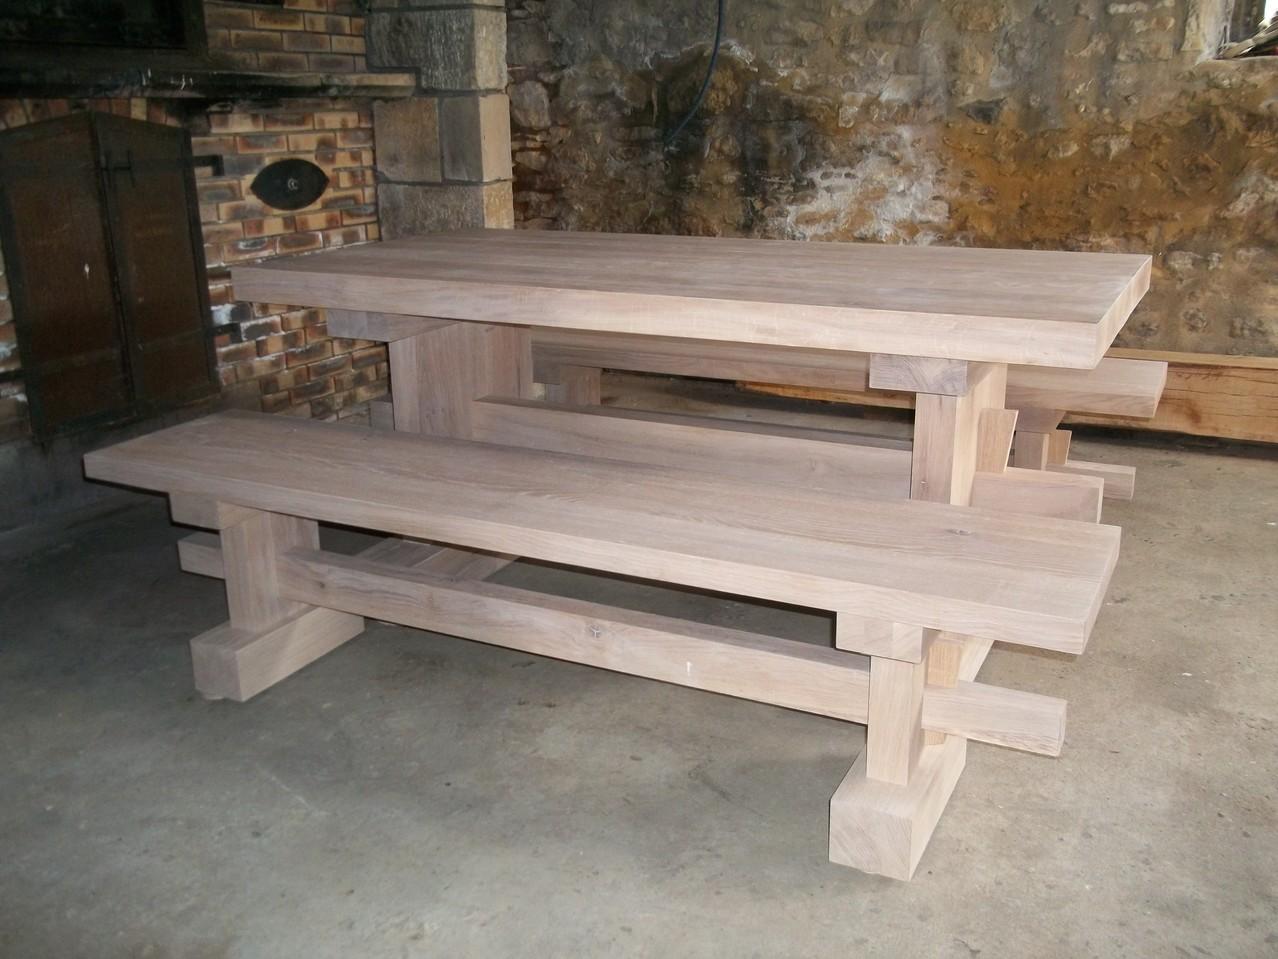 longeur des bancs 2 m 10 assise 0.38 mm